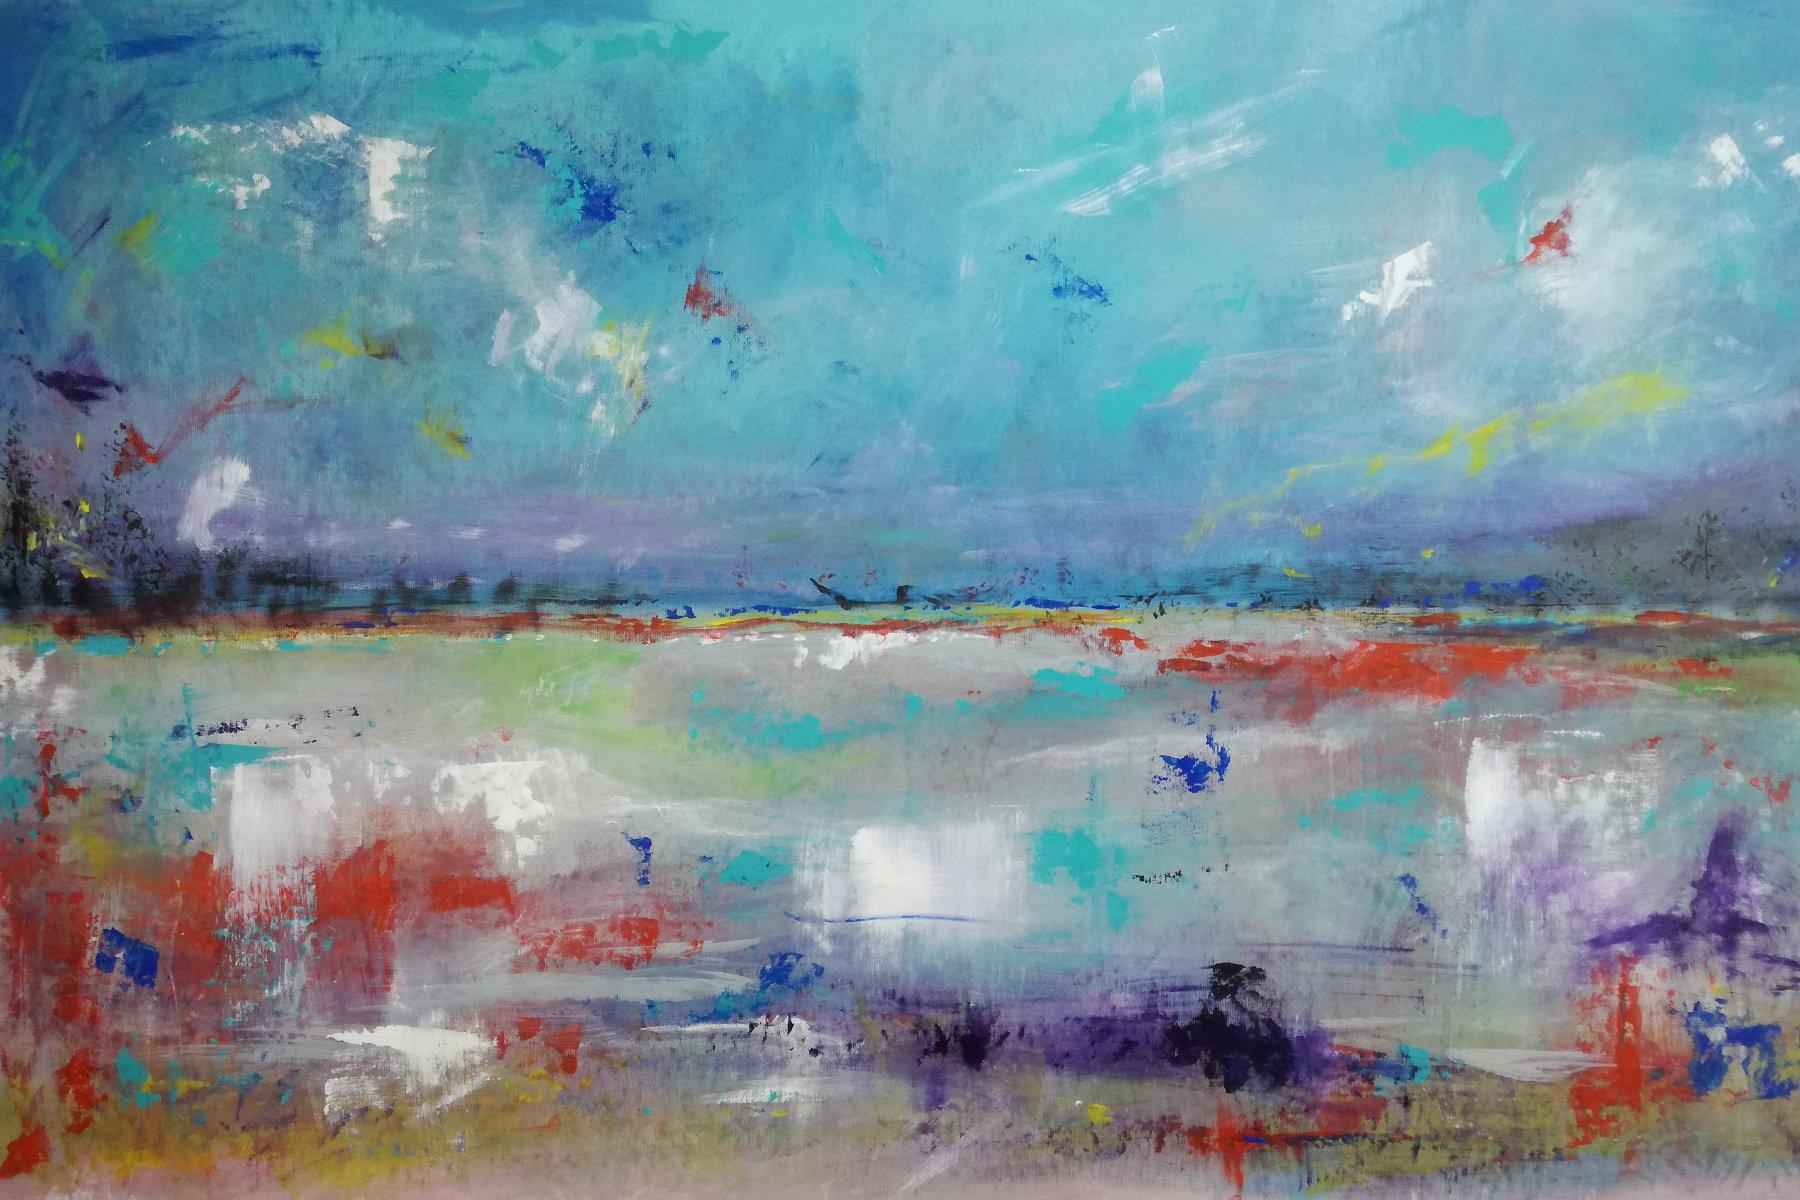 astratto c008 - dipinti astratti paesaggio120x60